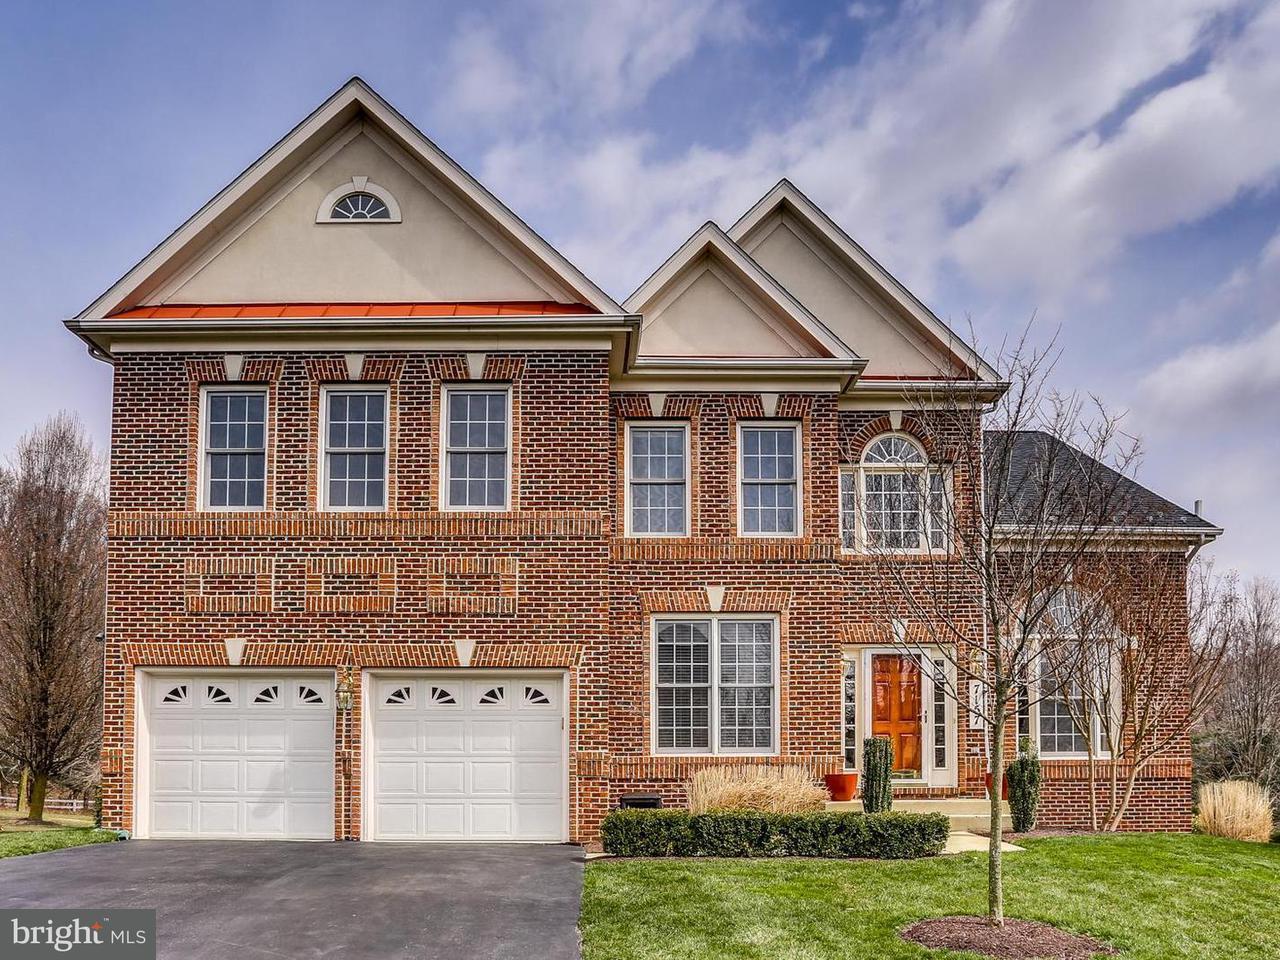 一戸建て のために 売買 アット 7157 Collingwood Court 7157 Collingwood Court Elkridge, メリーランド 21075 アメリカ合衆国